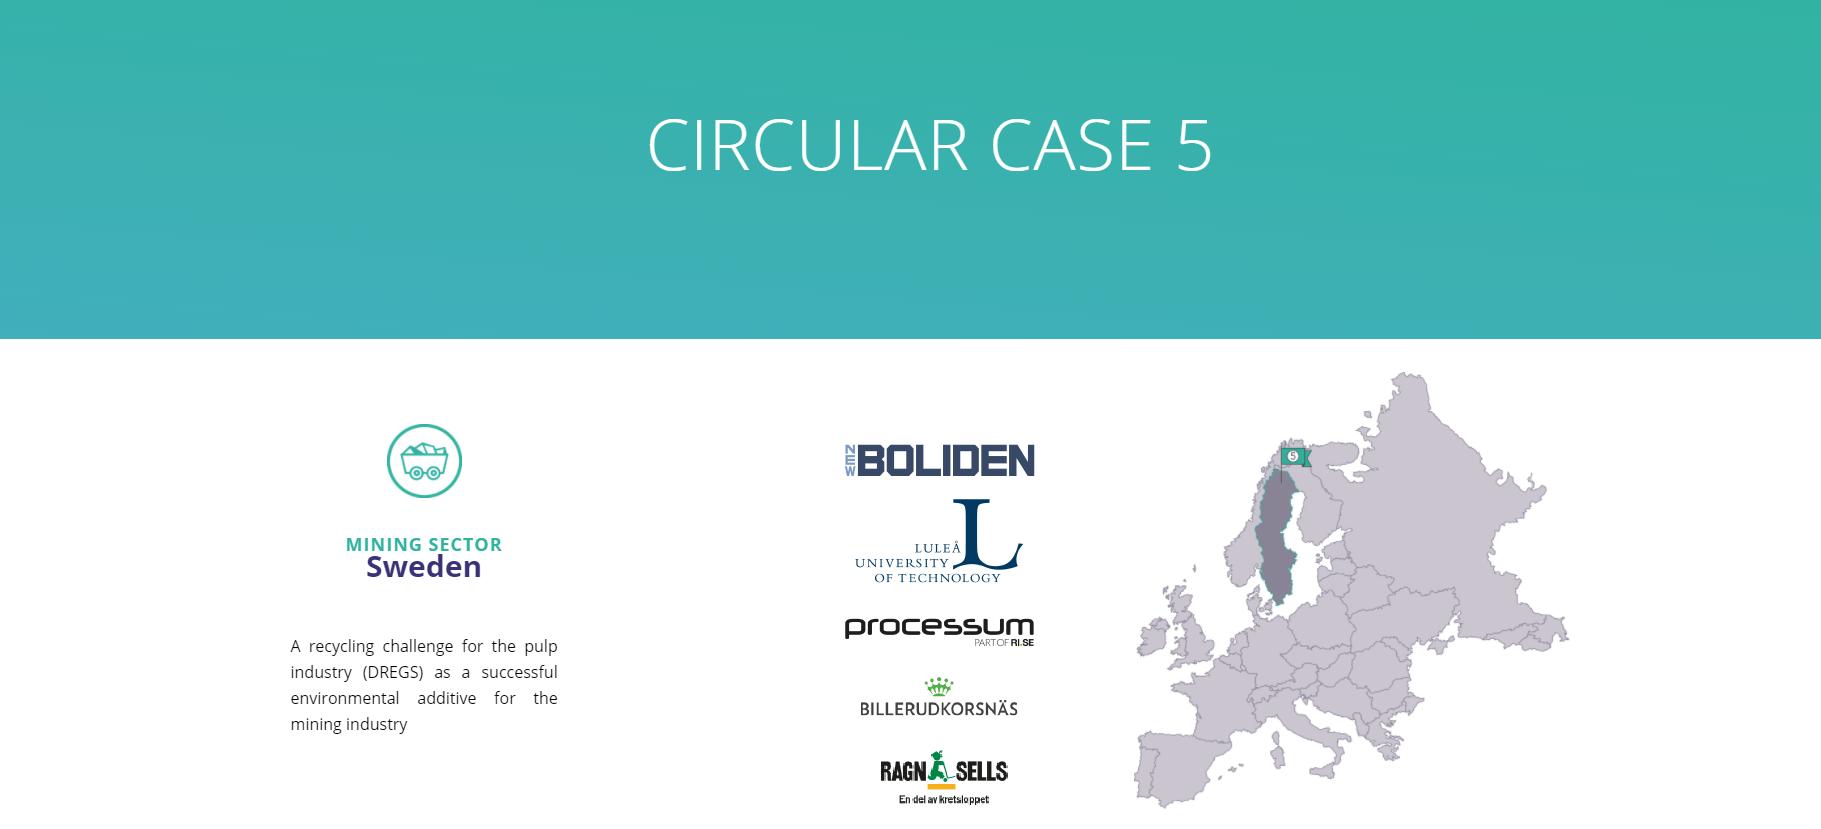 Video: Circular Case 5